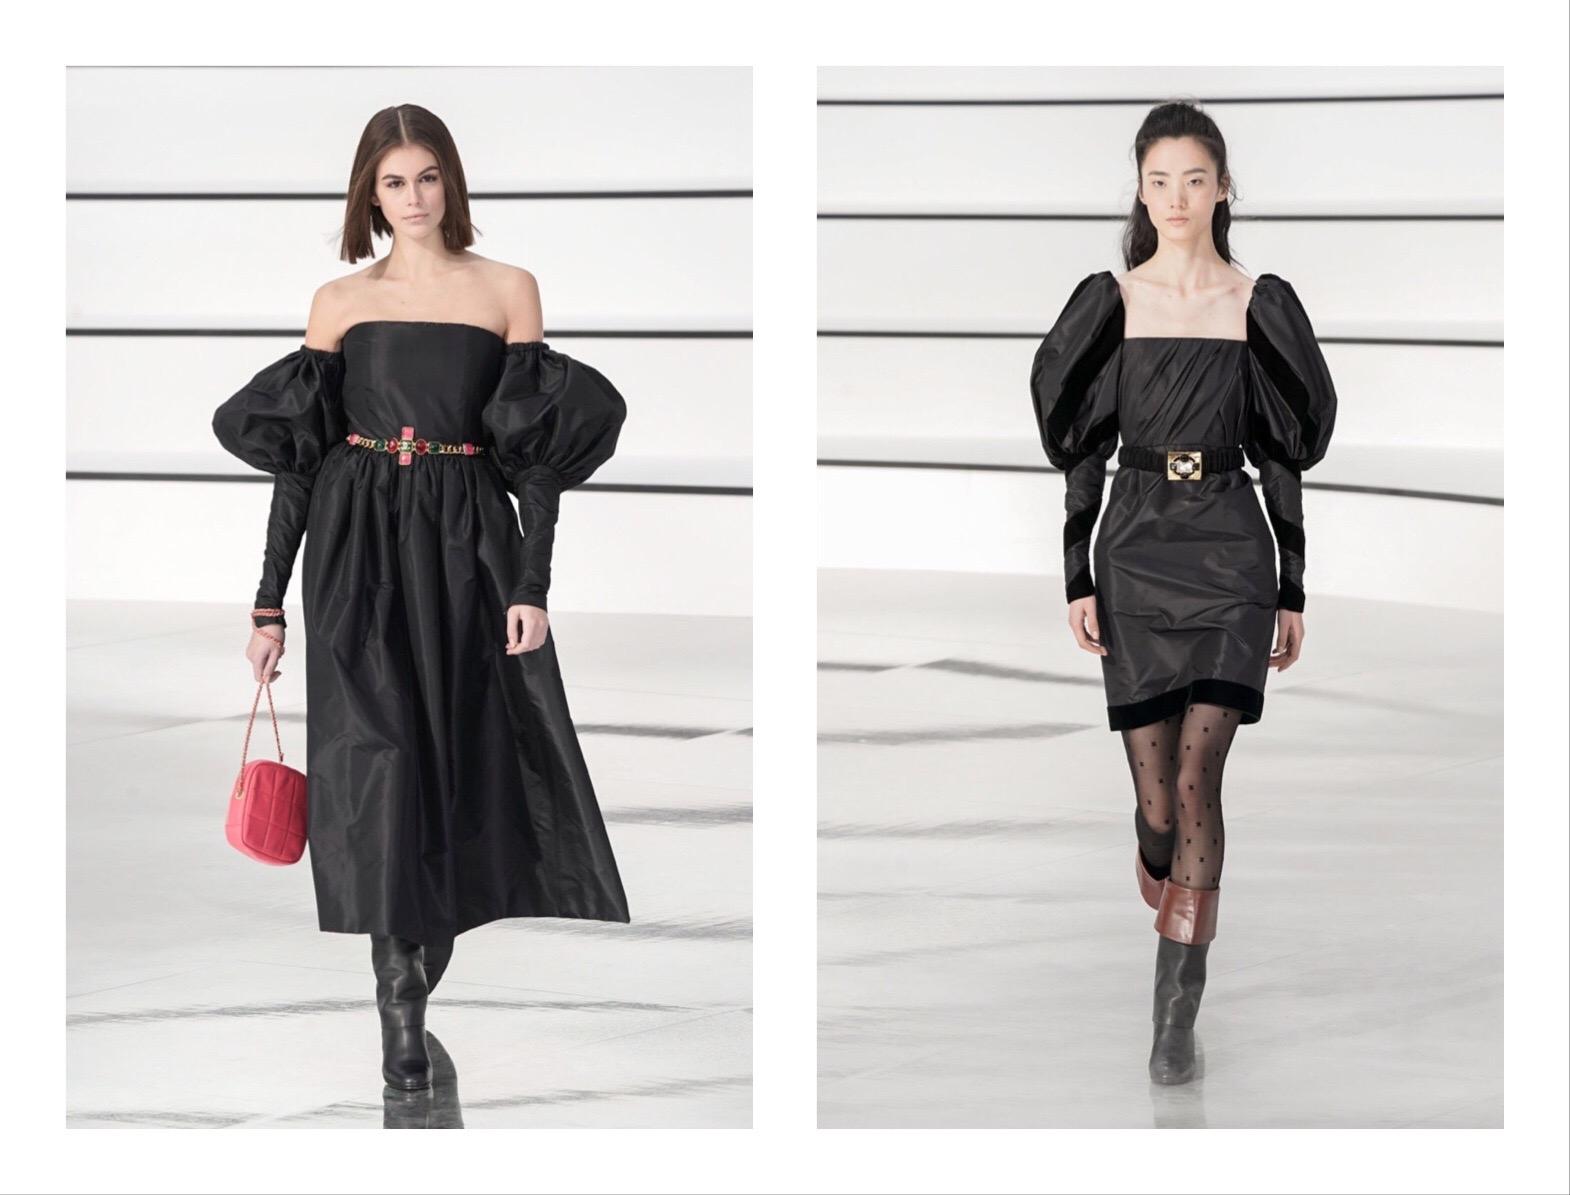 Парижский шик в лучших традициях Chanel: обзор коллекции (ФОТО) - фото №9